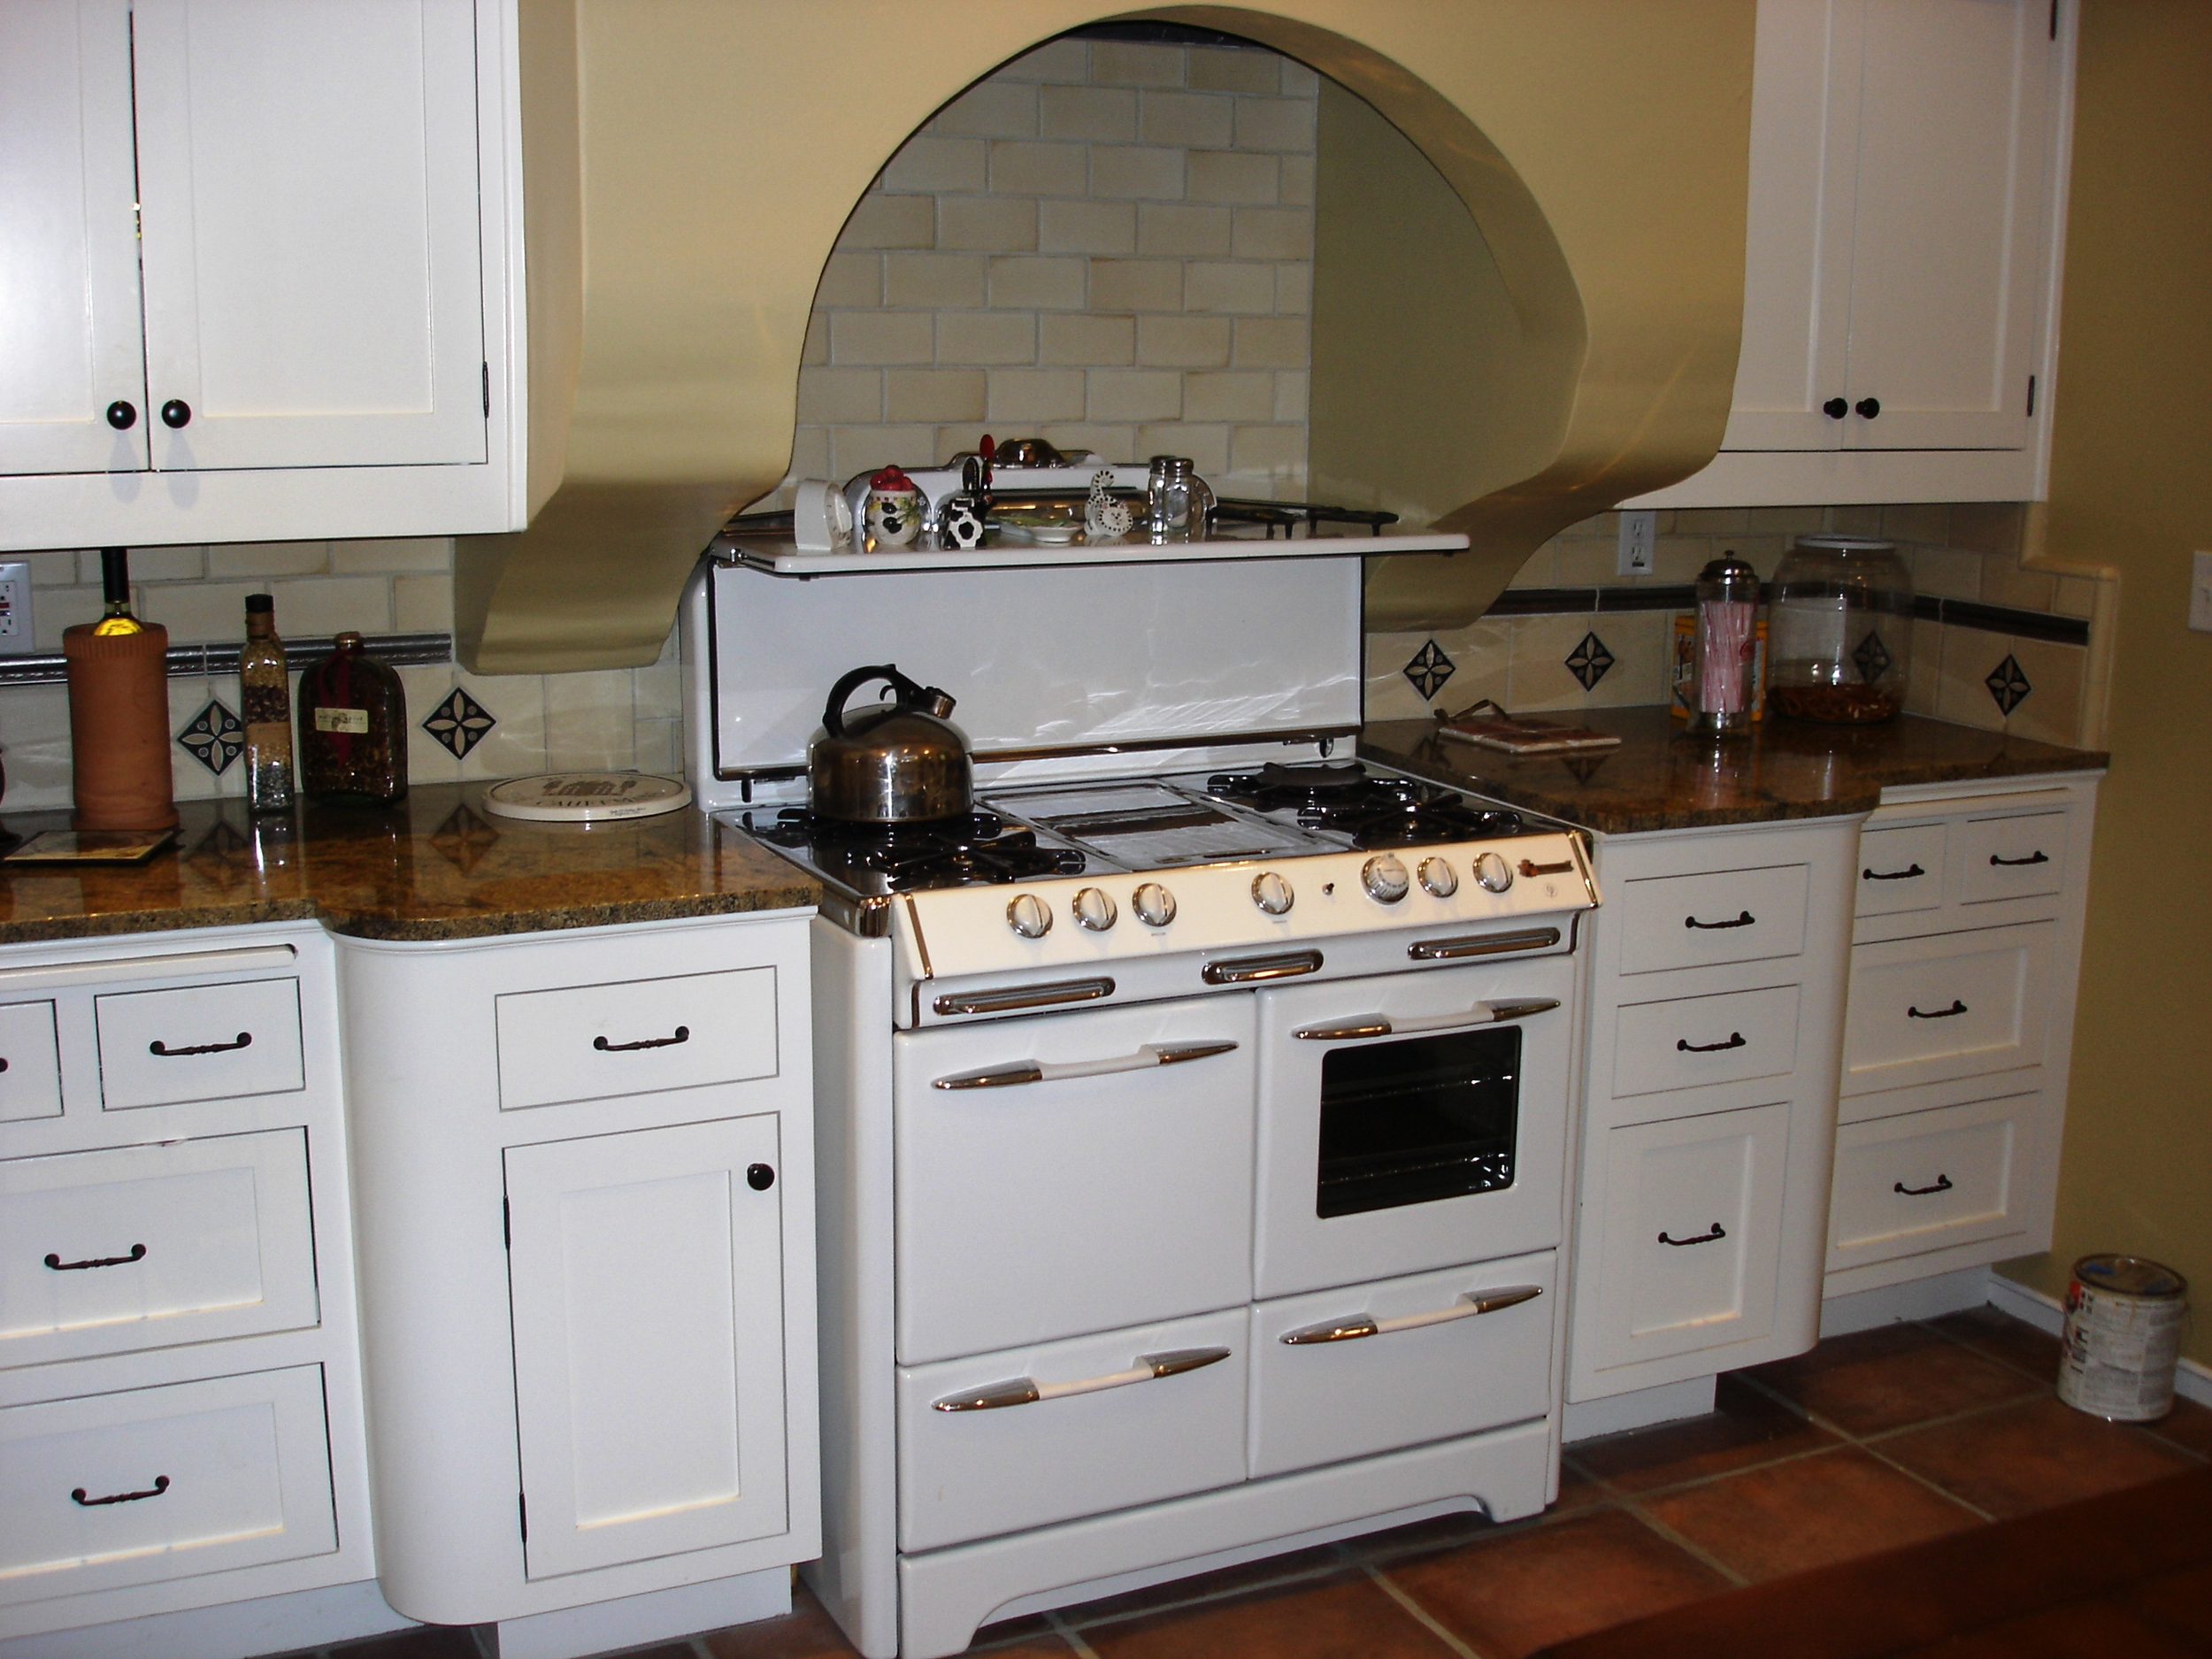 Cauffman kitchen 4.jpg